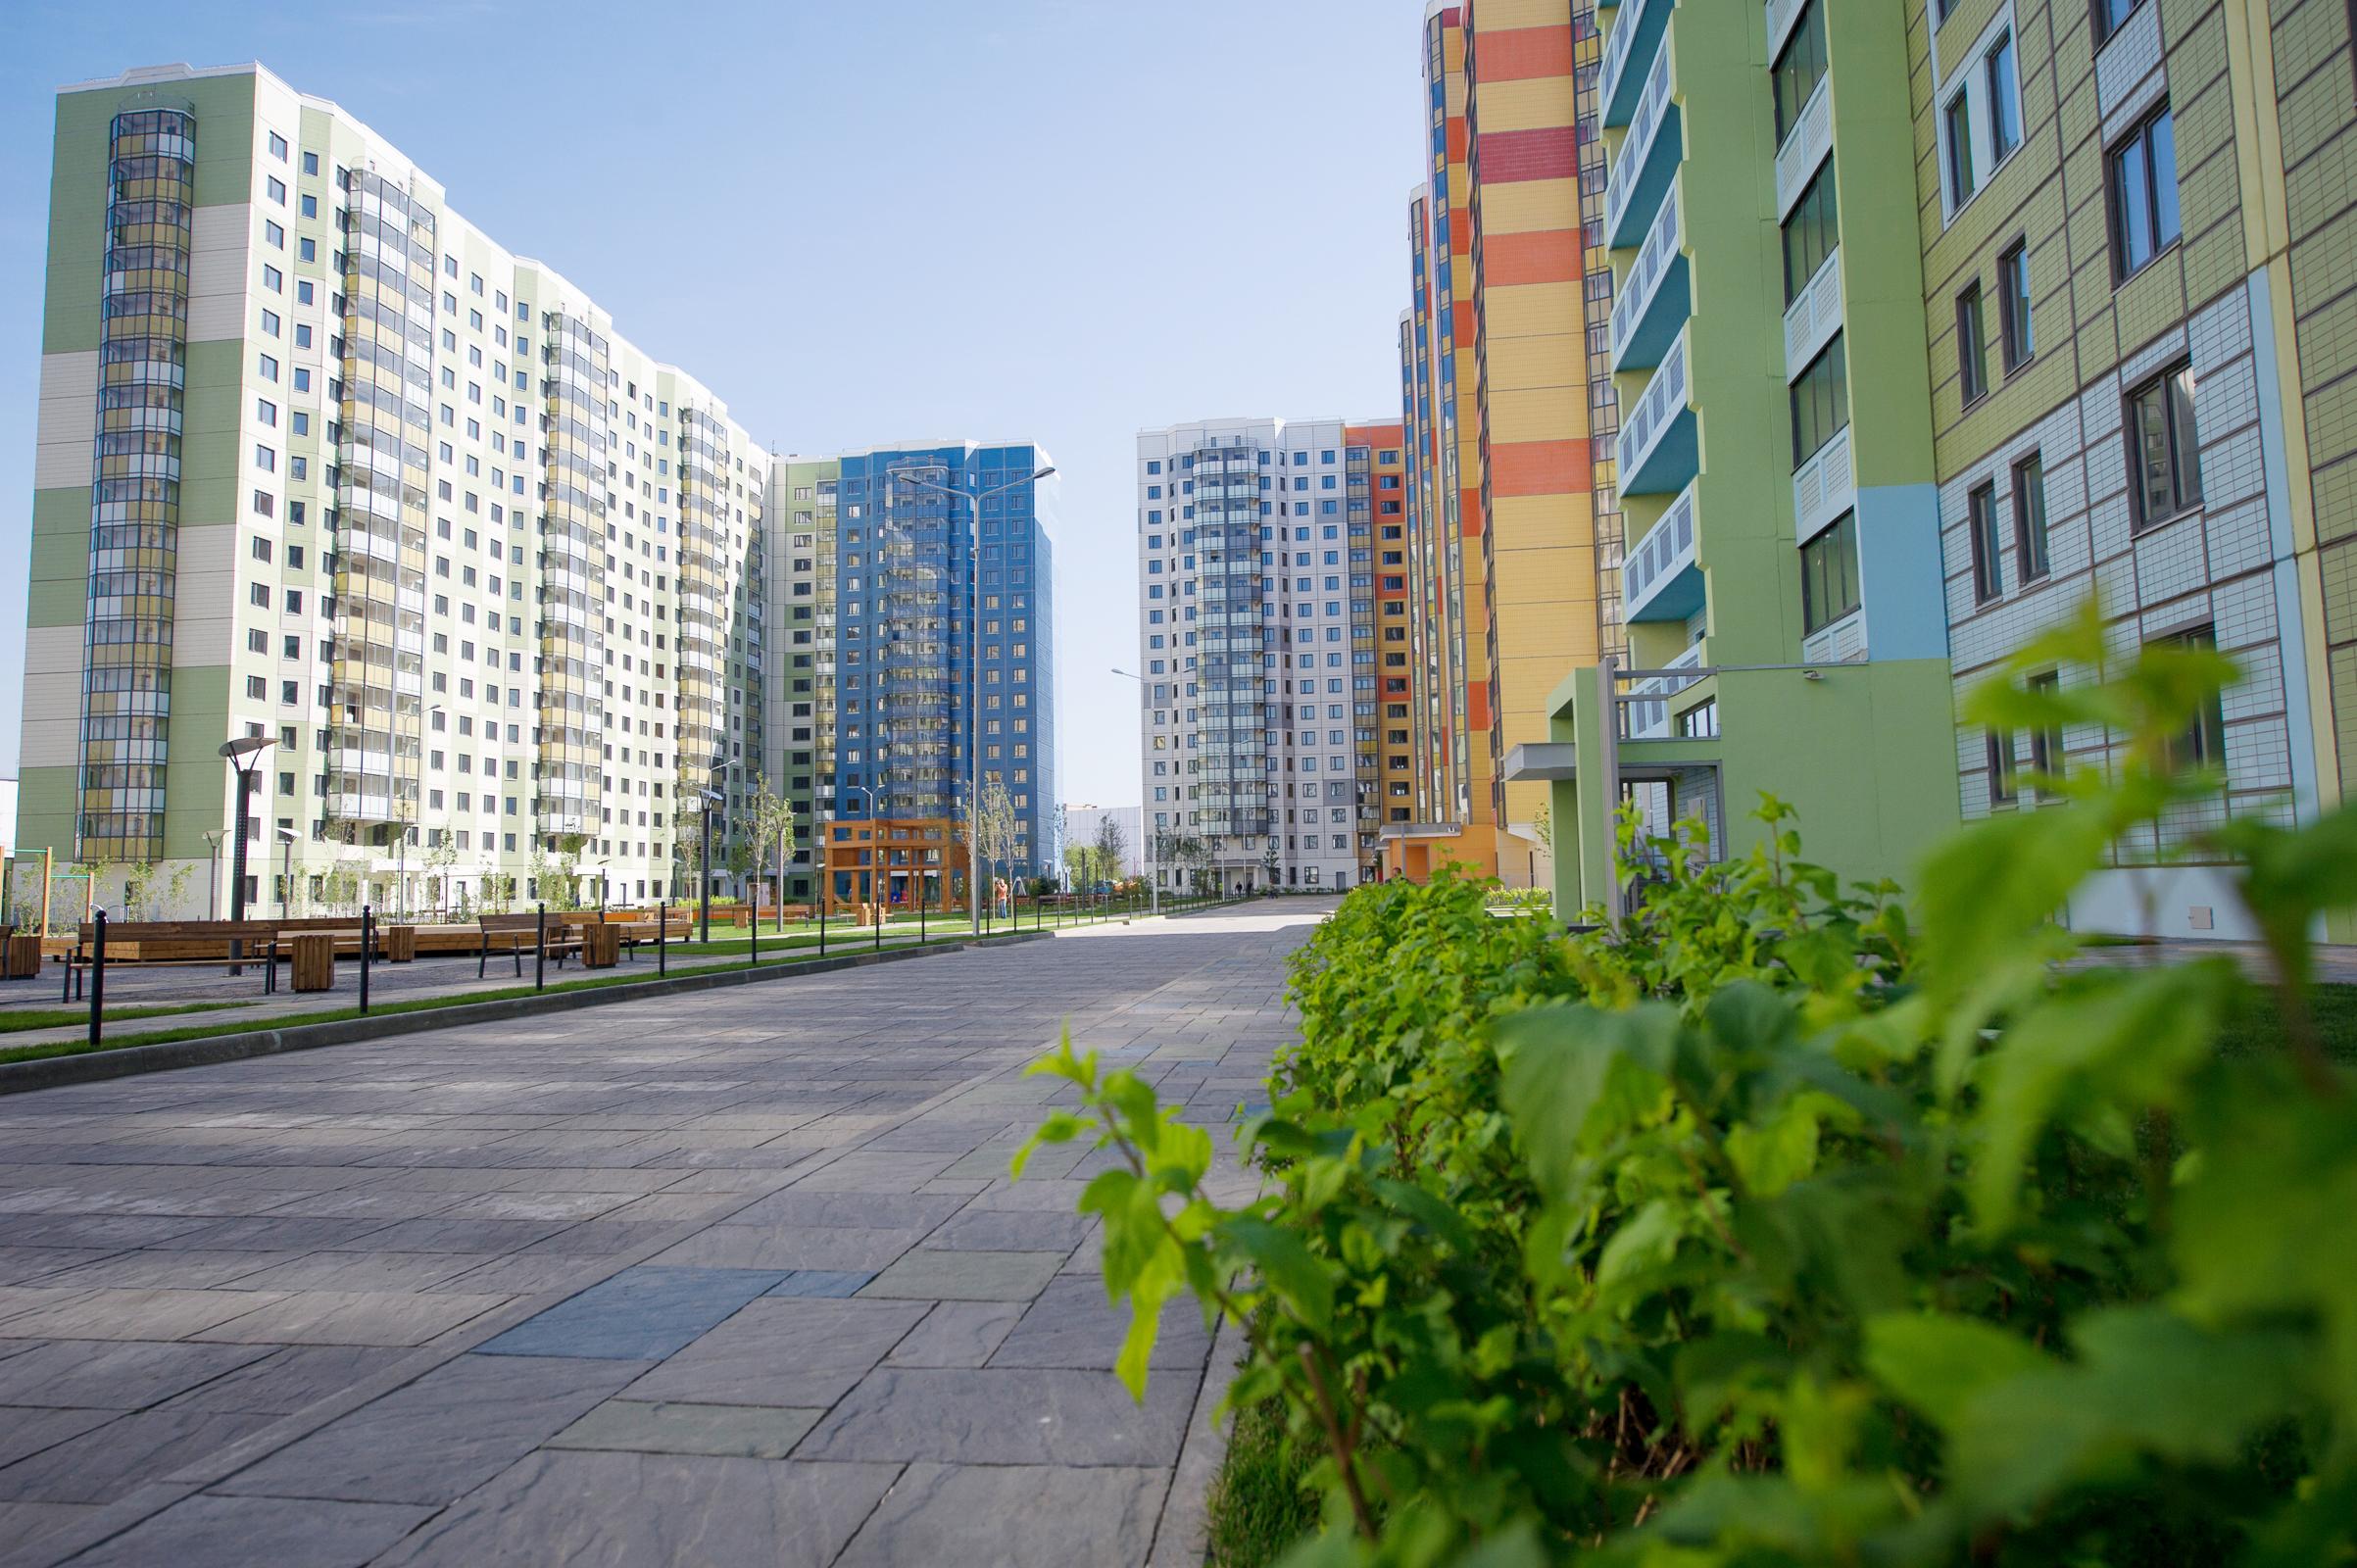 Квартал комплексной жилой застройки в районе Западное Дегунино